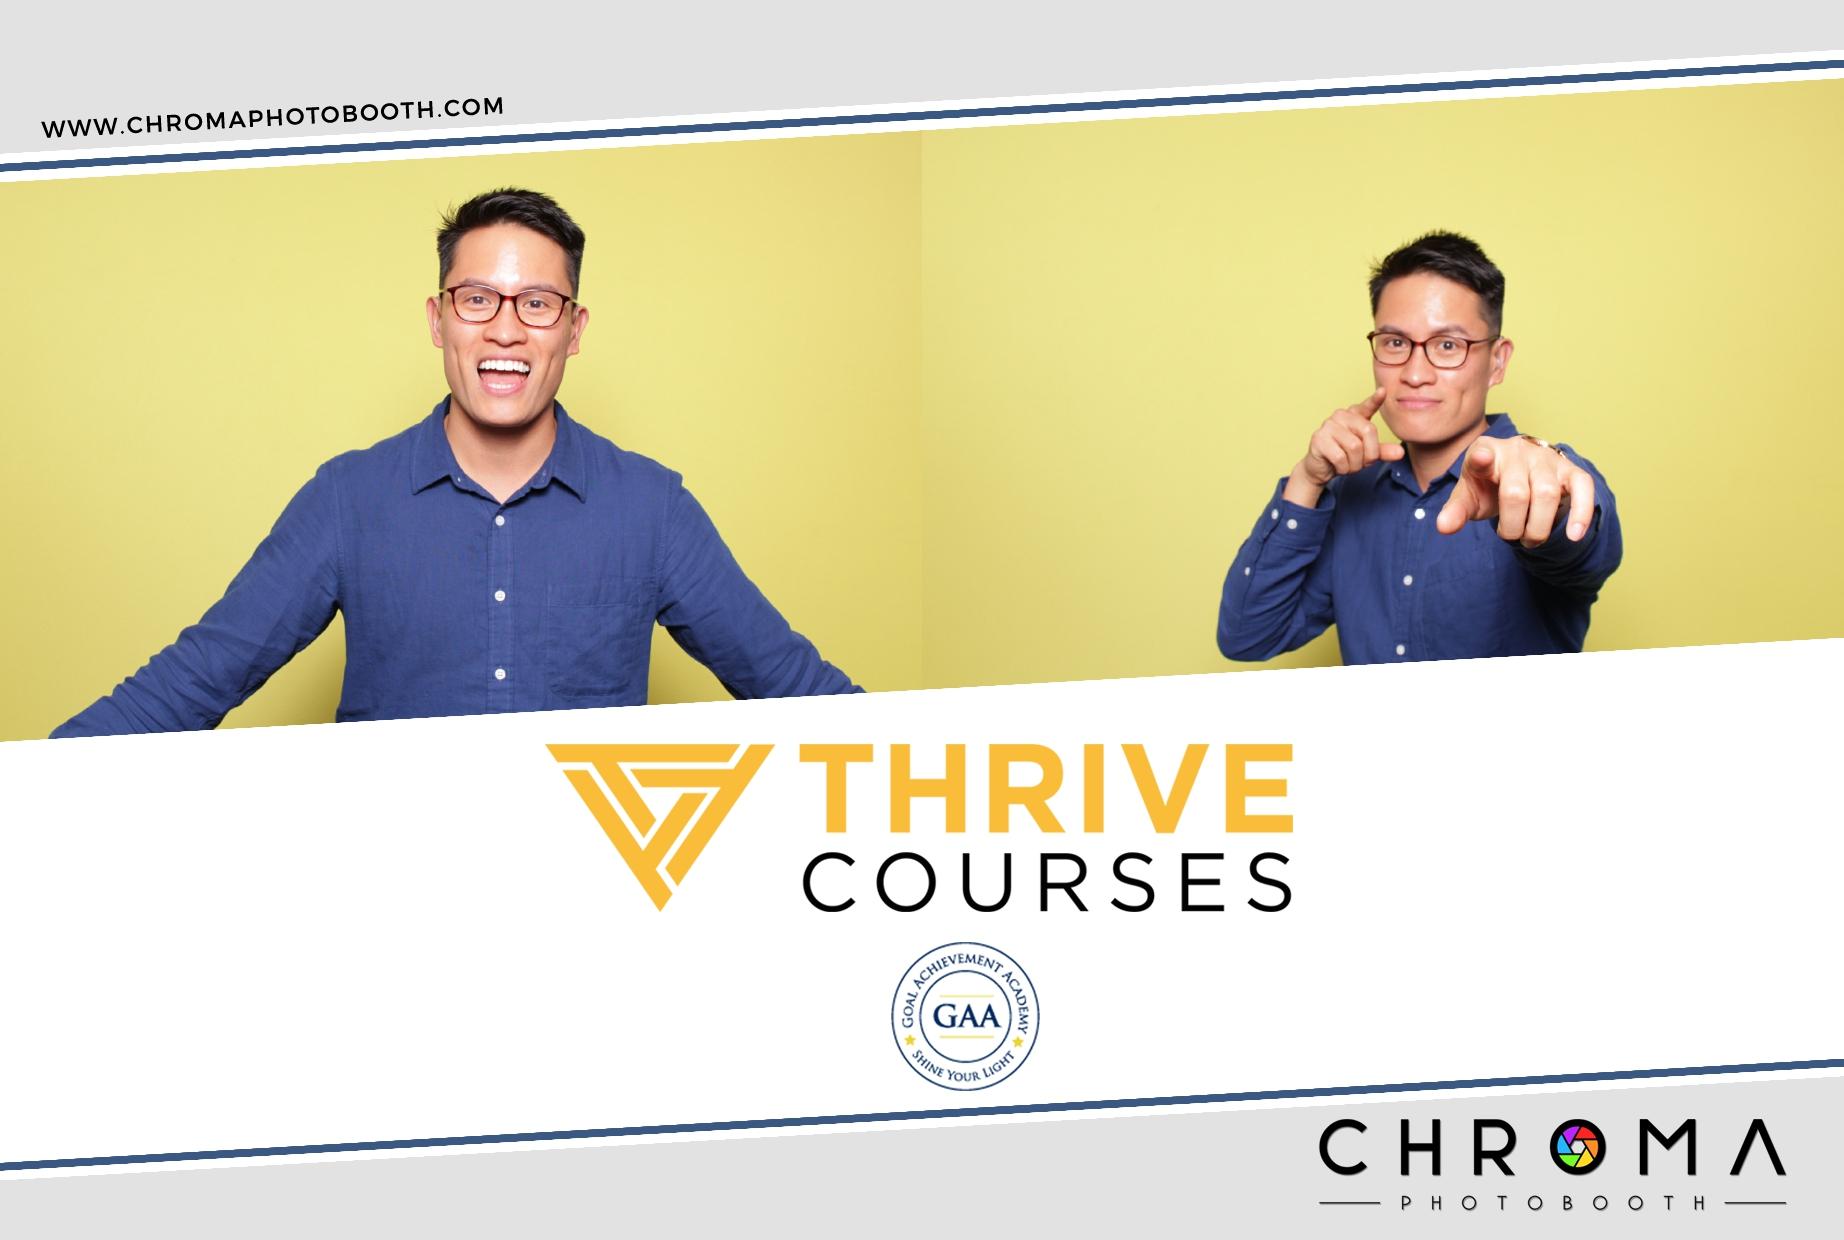 Chroma Photobooth - Thrivecourses